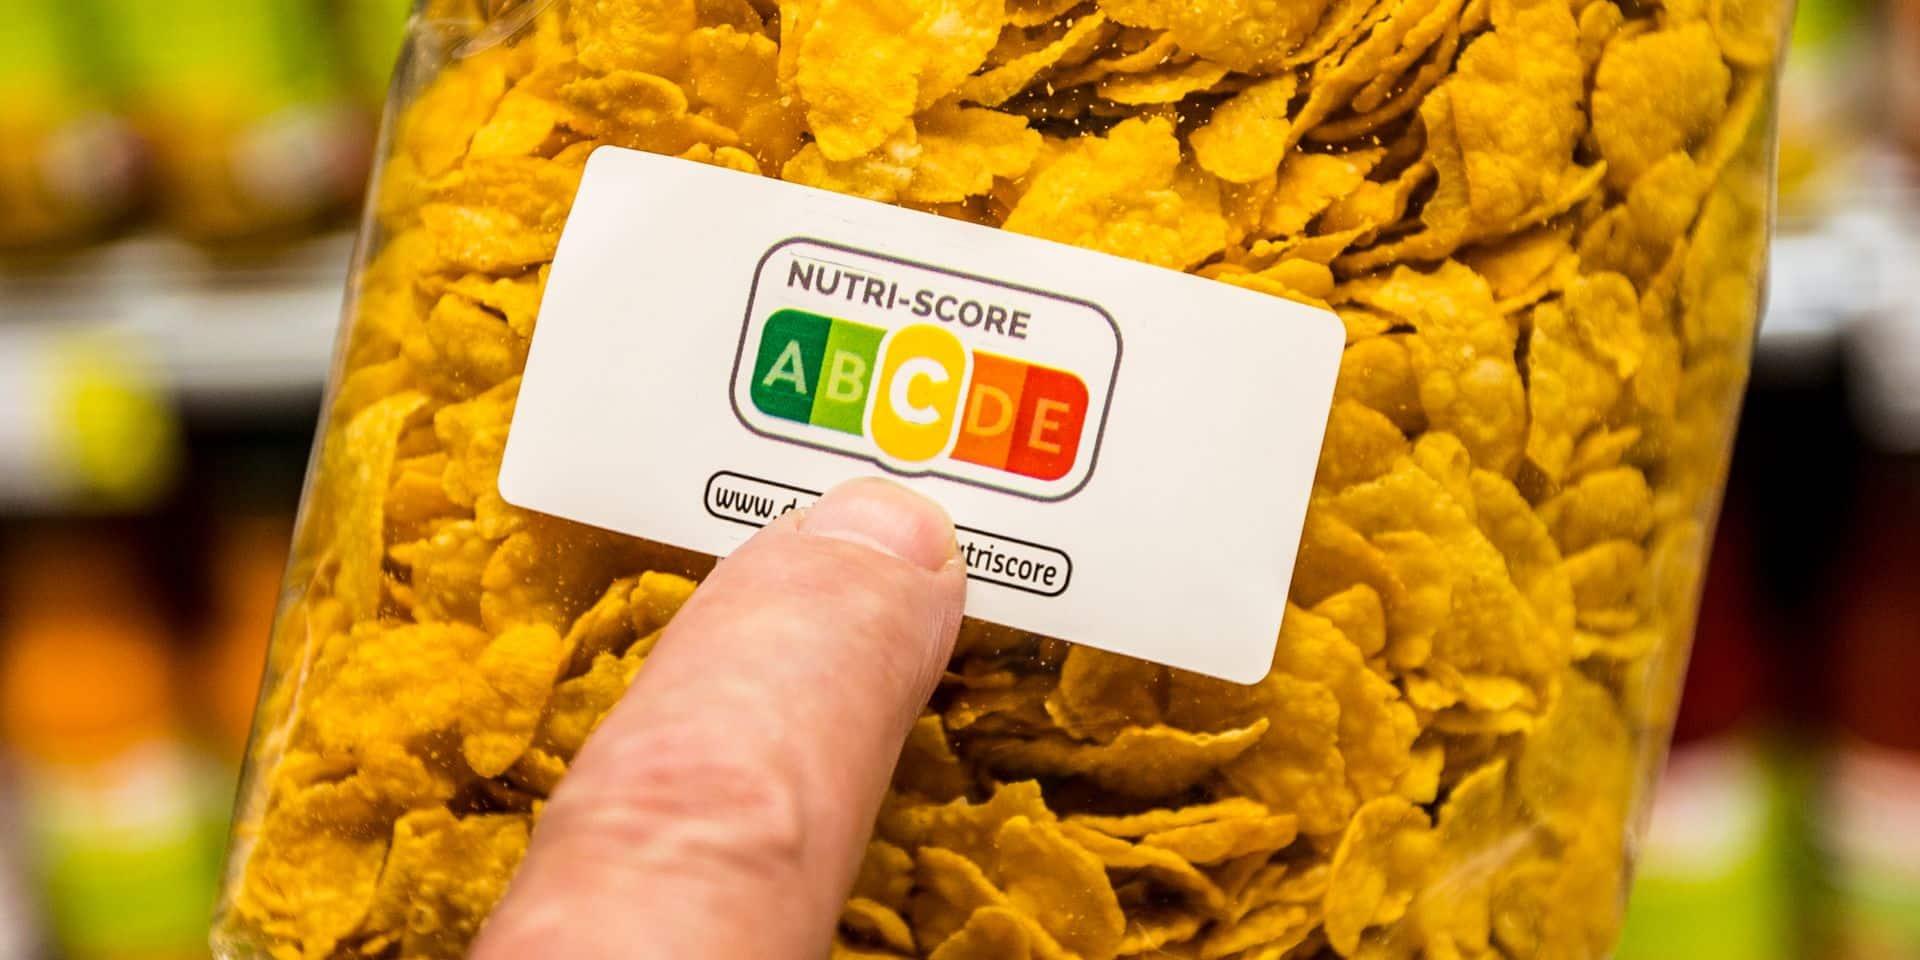 le nutri-score comme label alimentaire, une fausse bonne idée ?